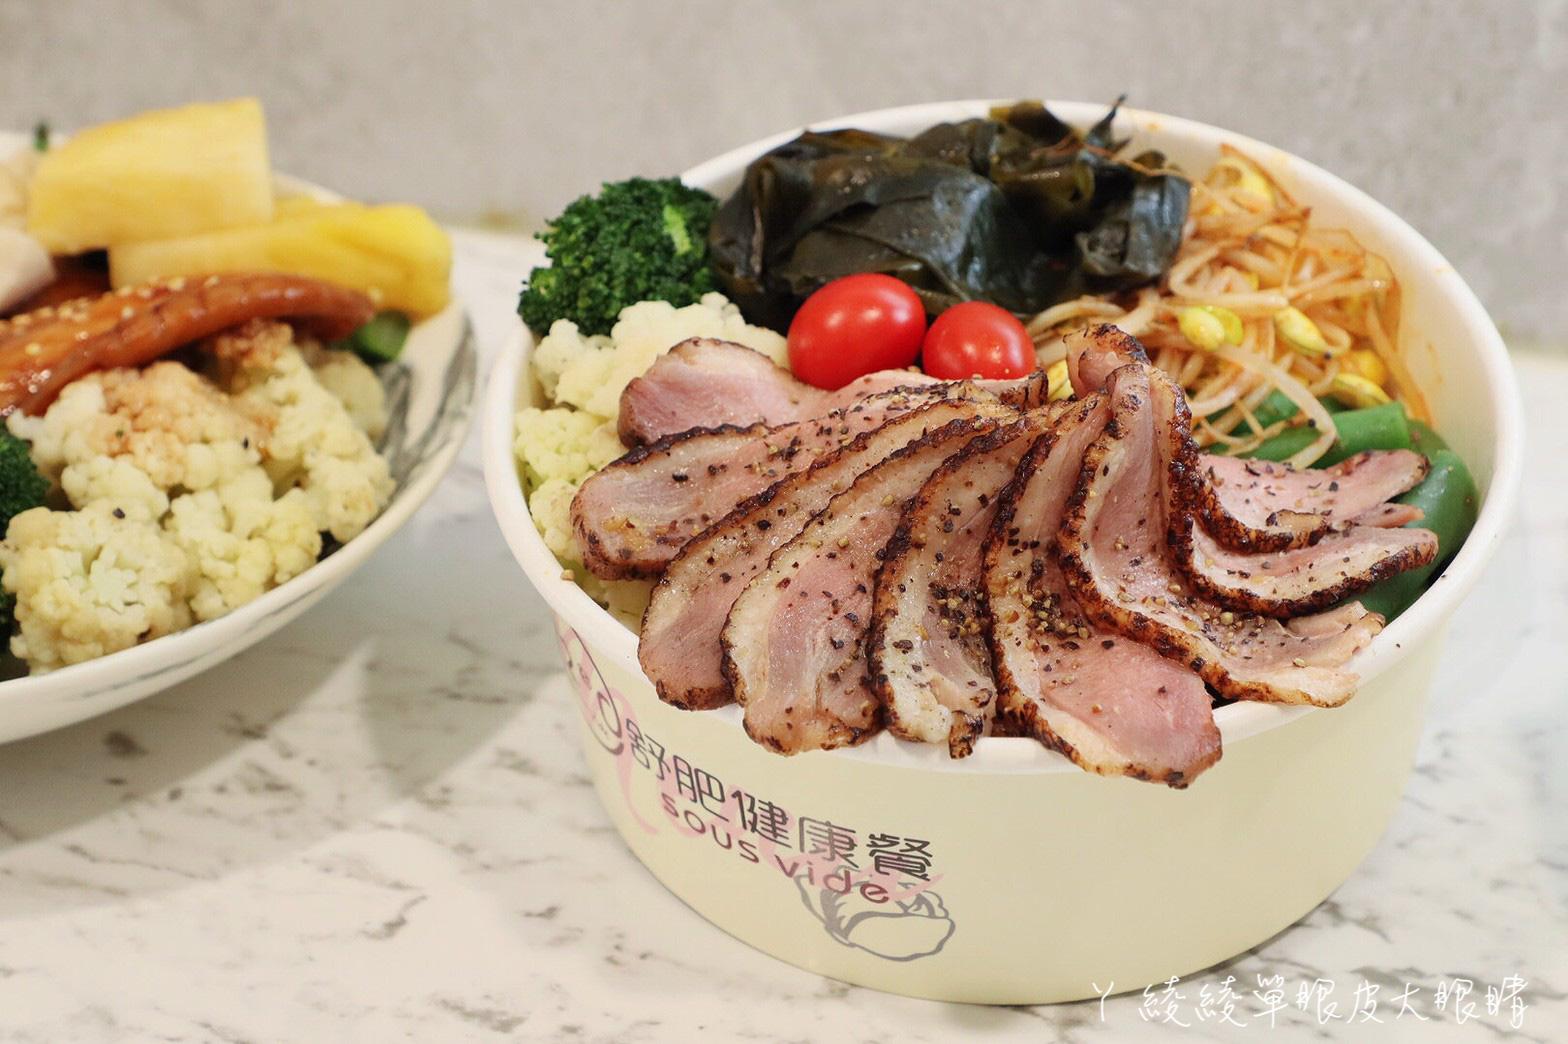 新開幕文青風舒肥健康餐盒!澎湃便當只要一百多元就可吃到,銅板加購價再享肉量激增